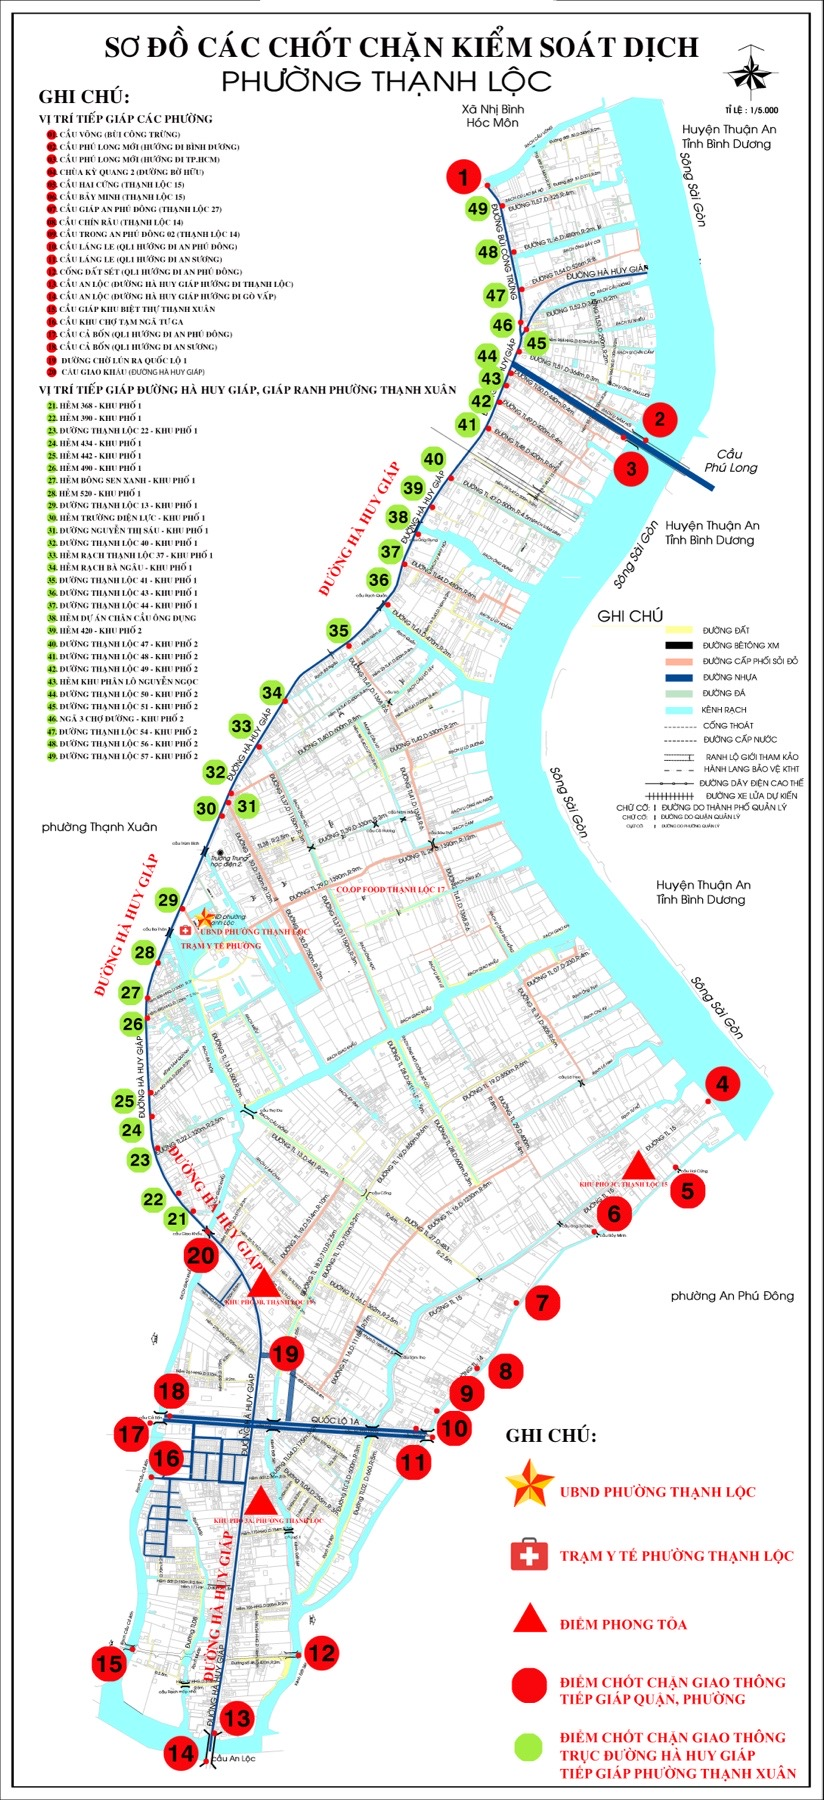 để tiện cho người dân theo dõi, tra cứu các điểm chốt chặn giao thông, quận đã đưa 69 điểm này lên ứng dụng Google map (Điểm kiểm soát Covid - Thạnh Lộc - Google My Maps